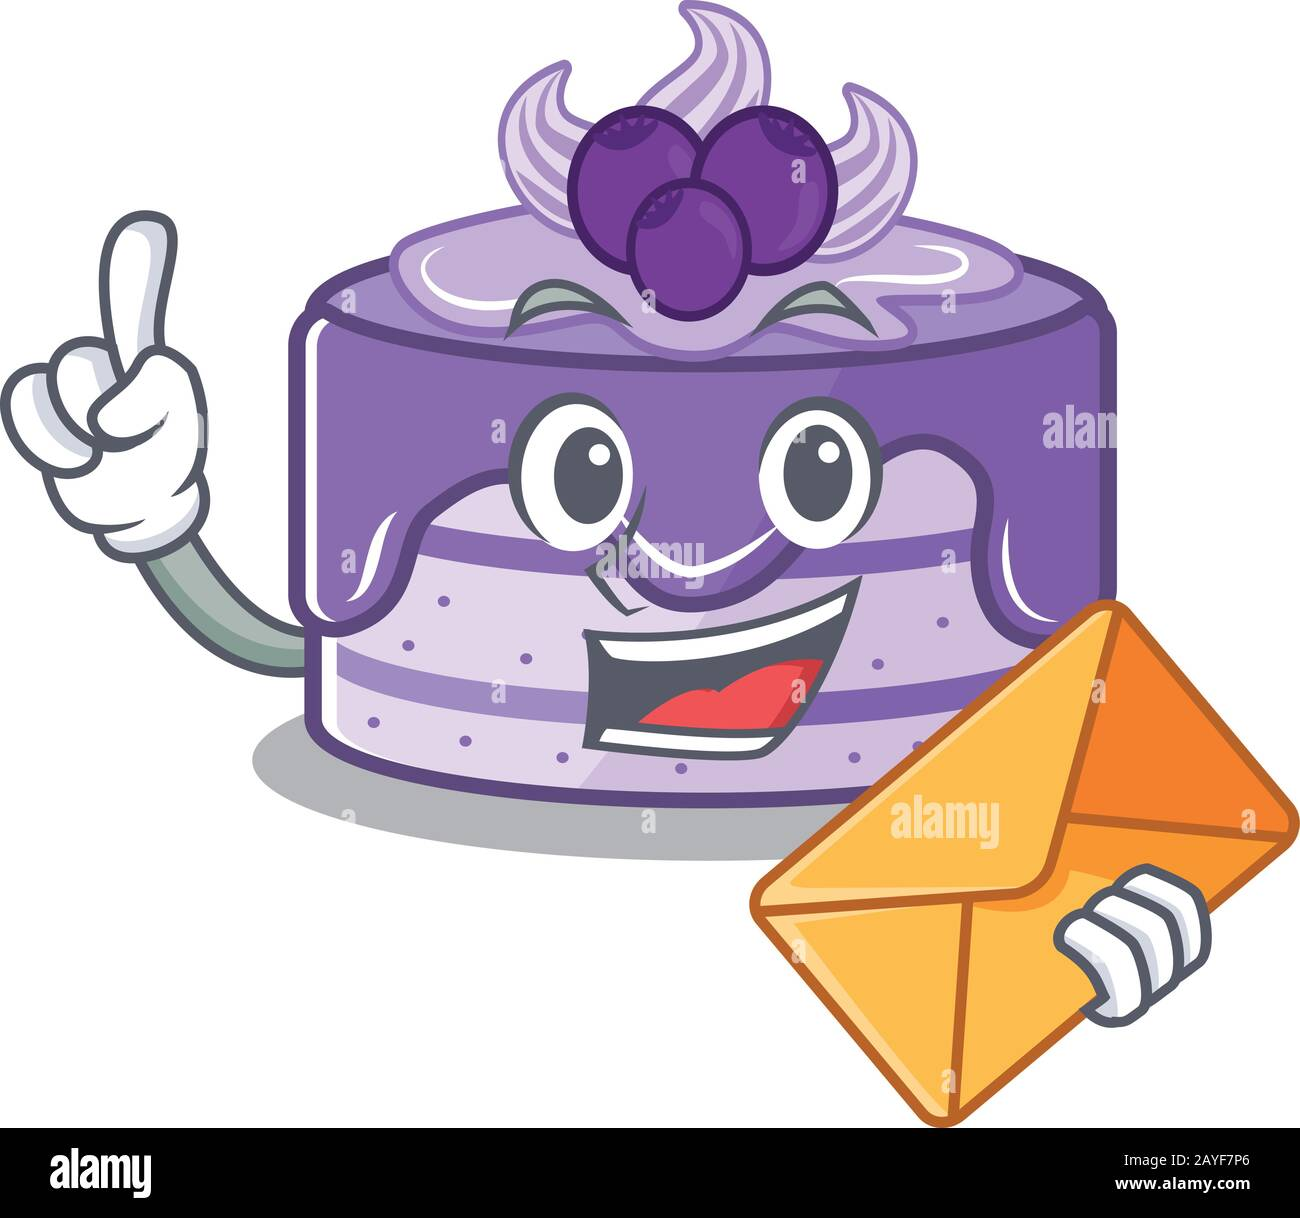 Motif mascotte à motif gâteau aux bleuets avec enveloppe Illustration de Vecteur